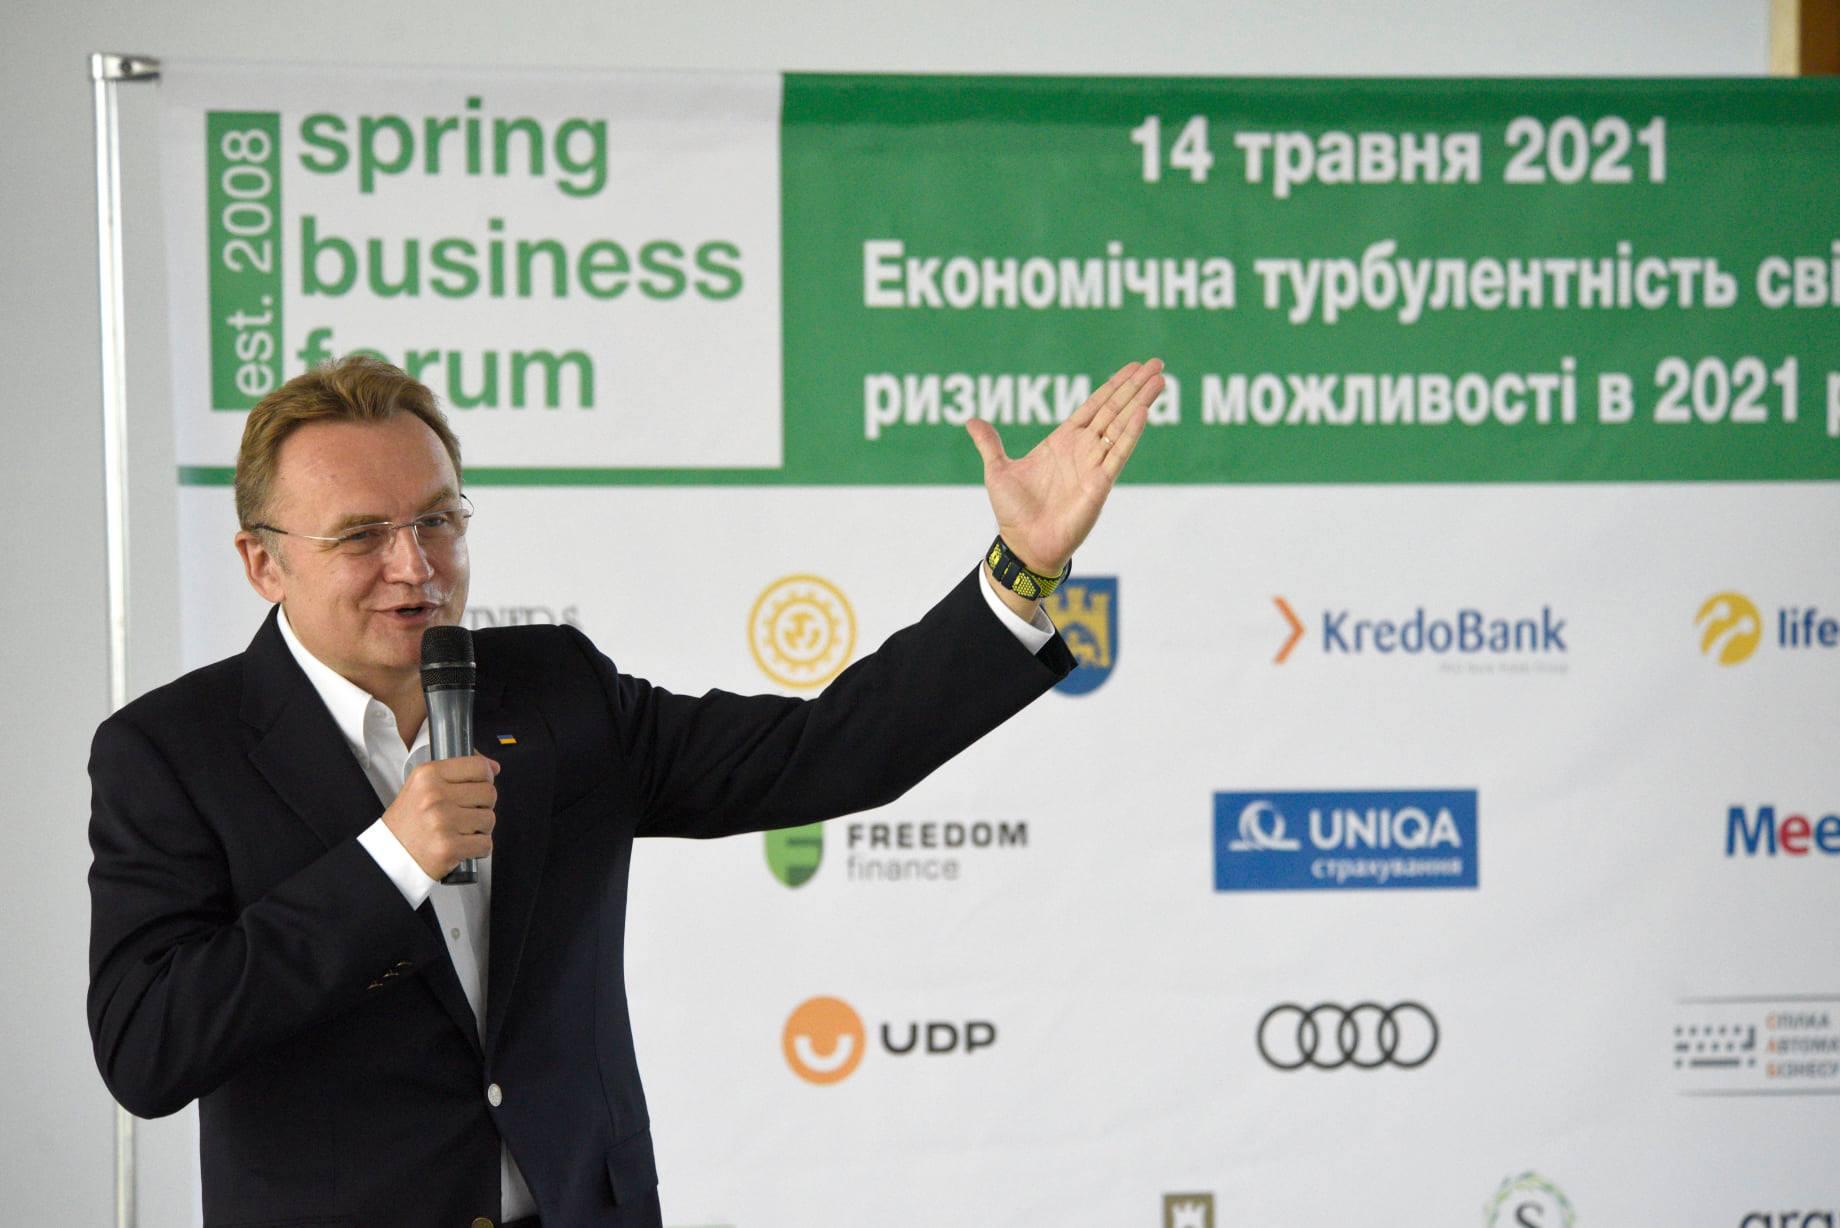 Дмитро Ткаченко: «МТБ БАНК - це завжди гнучкий підхід до потреб клієнтів і сучасні digital-рішення» - фото 2 - mtb.ua